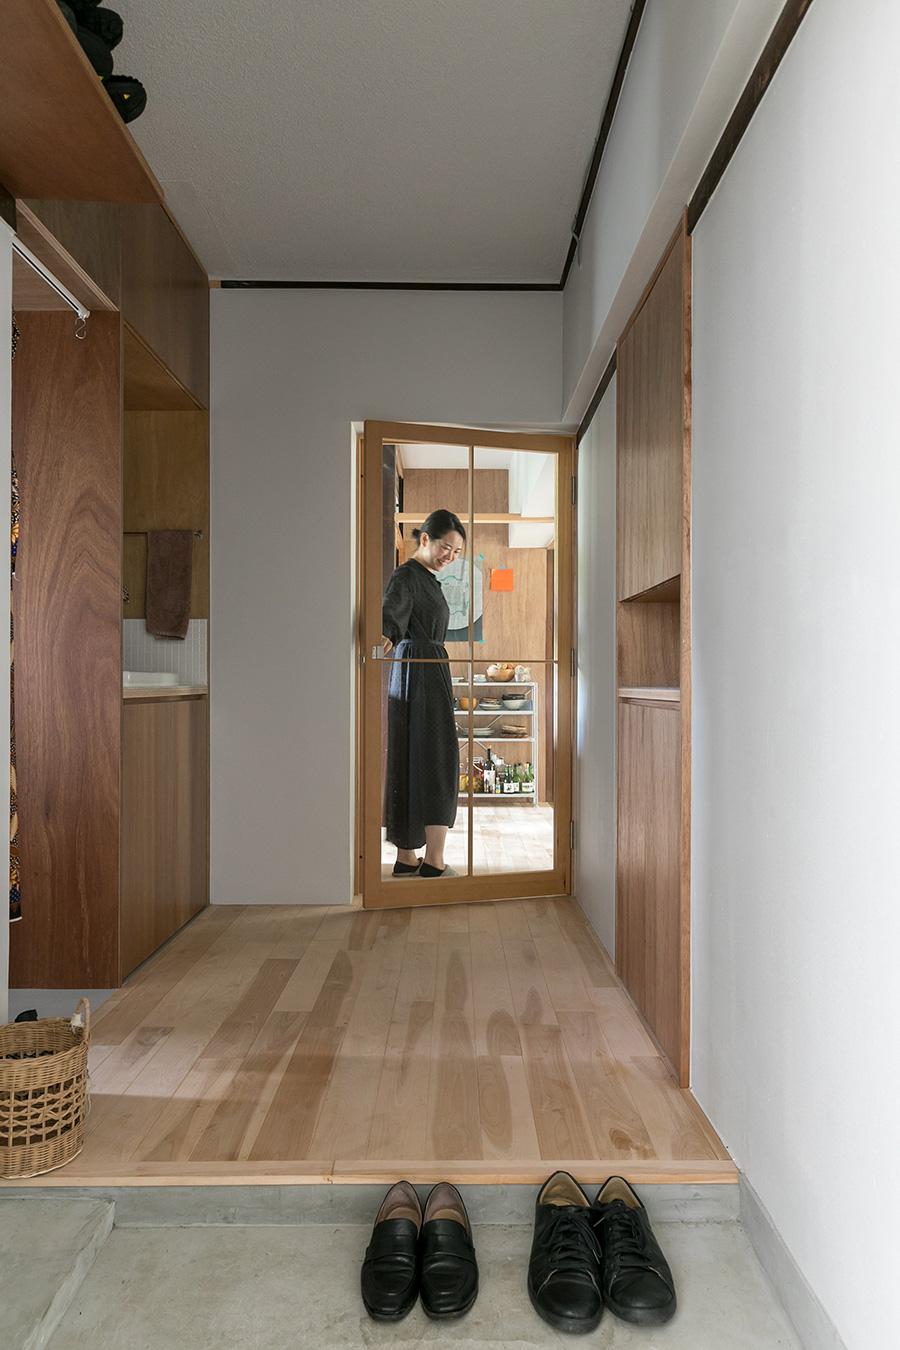 玄関から正面を見る。玄関は二人並んでも靴が履けるように、もともとあった寝室の入口を埋めて靴箱をつくり、玄関のスペースを広くした。